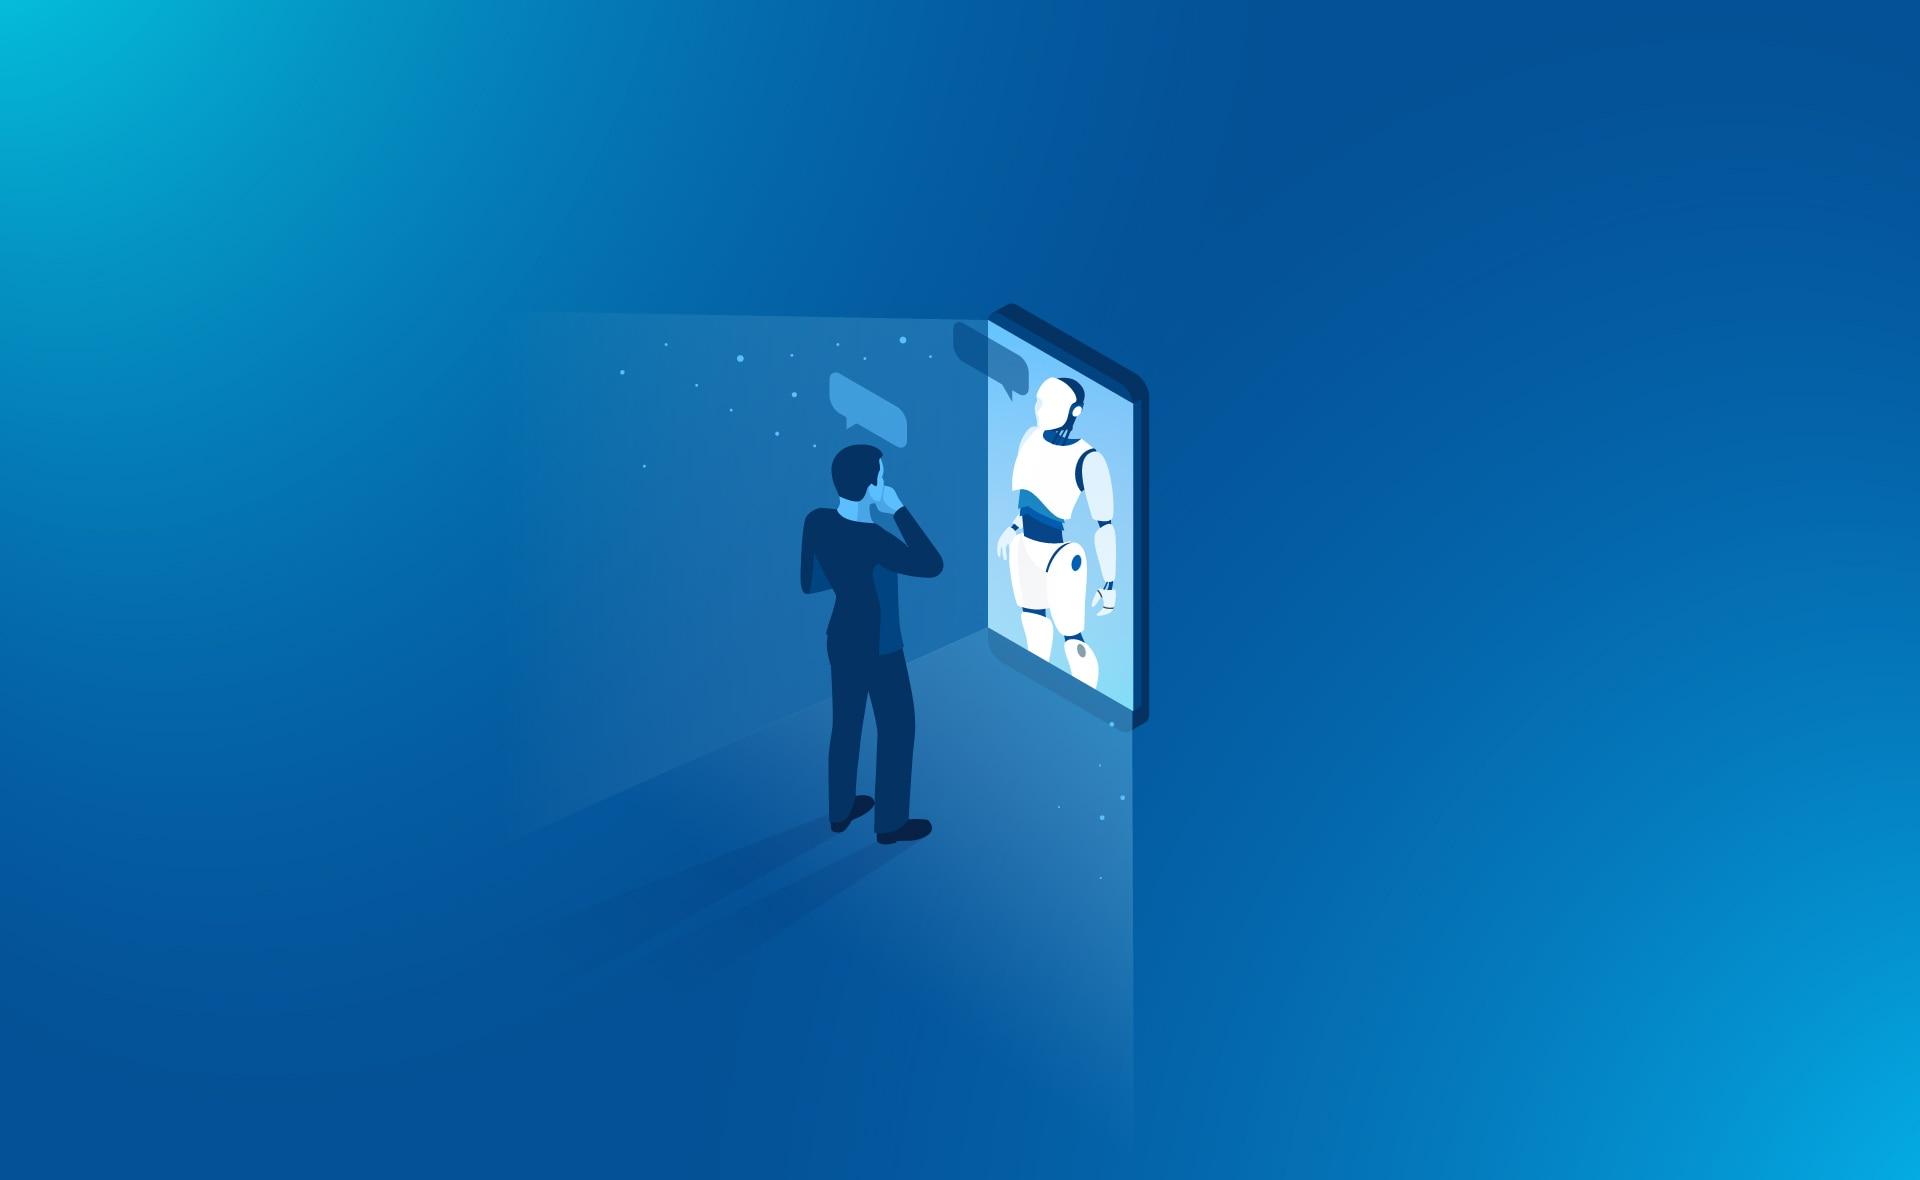 BELA-proyecto-inteligencia-artificial-usuarios-innovacion-digital-personalizacion